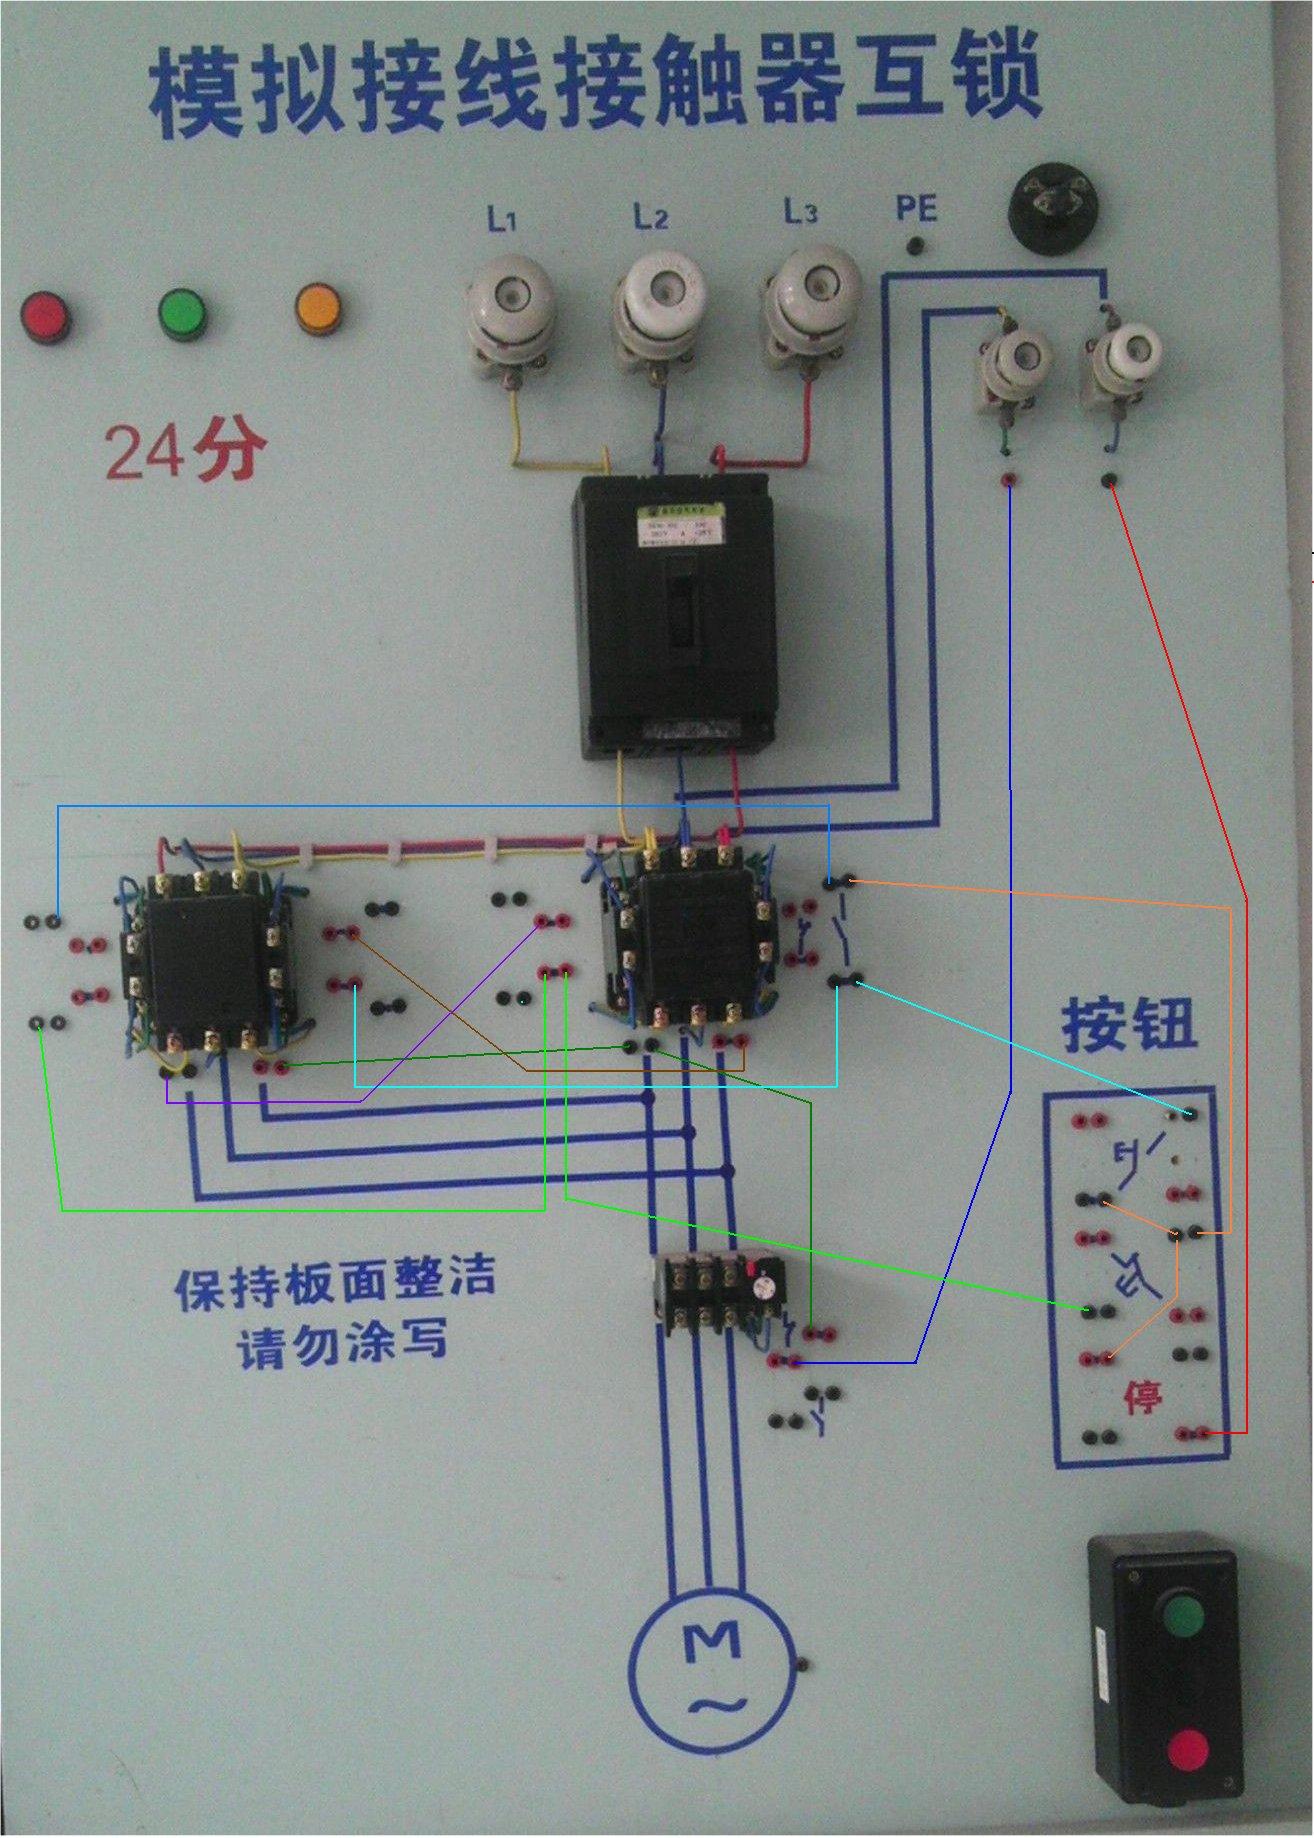 电工考试模拟接线接触器互锁实物图